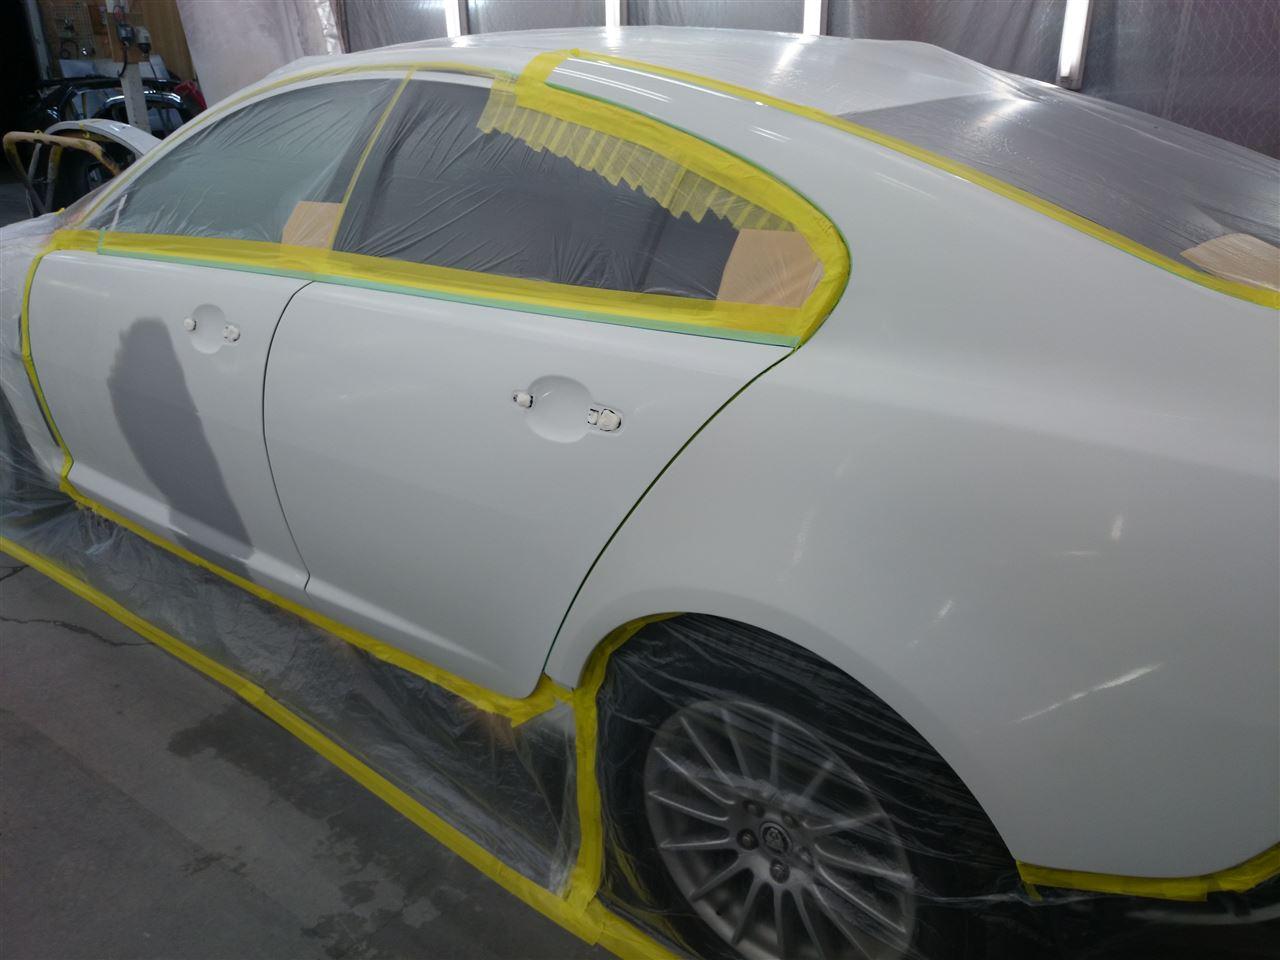 東京都立川市の車の板金塗装修理工場 ガレージローライドのジャガー XFの左側面のキズ へこみ の板金 修理 塗装 です。